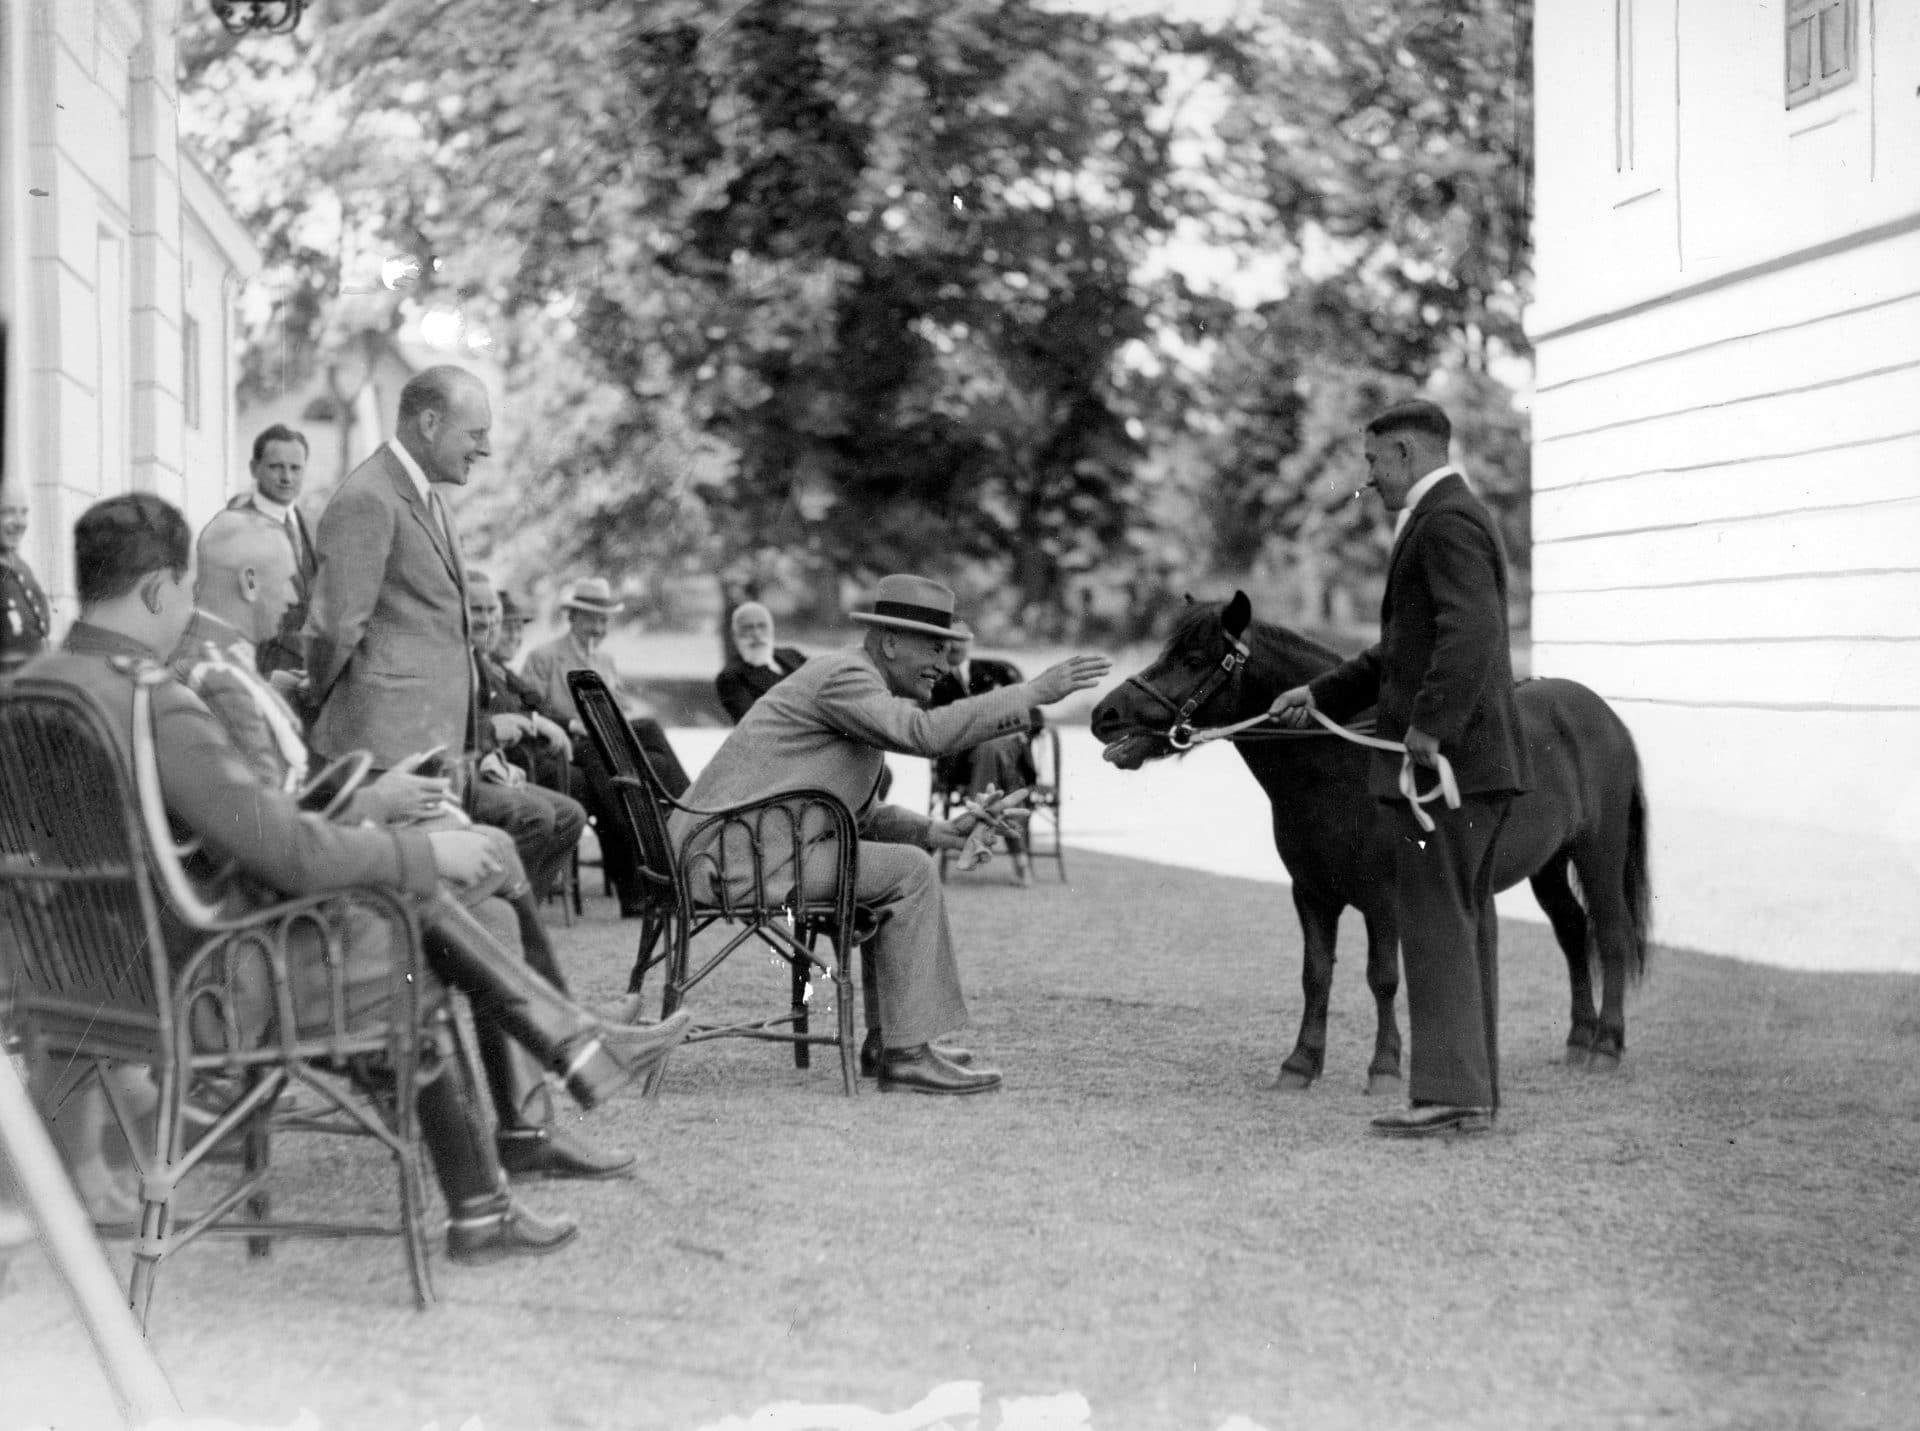 Prezydent RP Ignacy Mościcki ogląda konie w majątku ordynata Alfreda Potockiego. 1929 rok. Źródło: Narodowe Archiwum Cyfrowe.